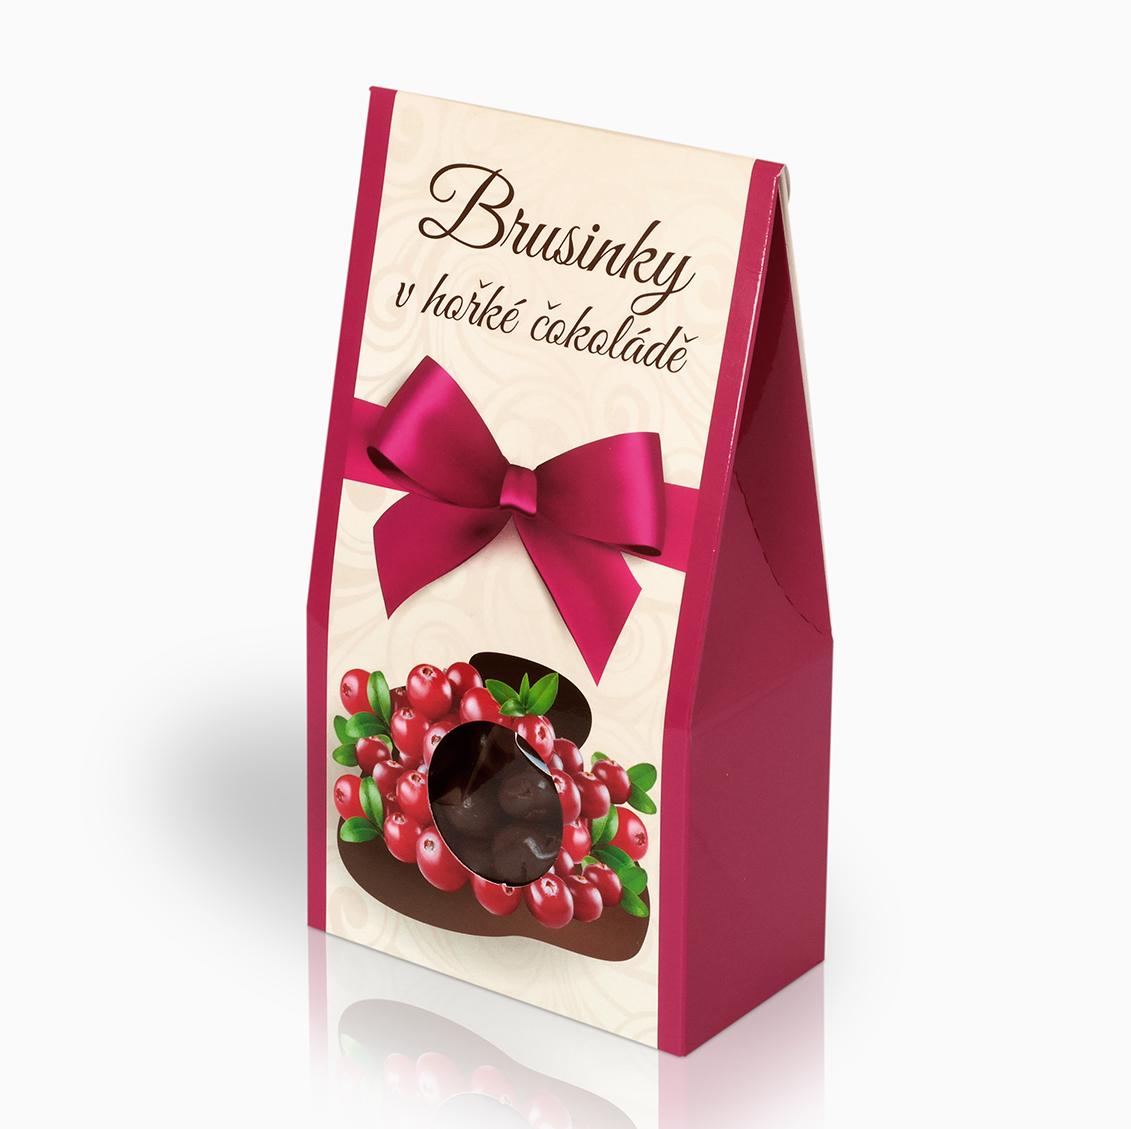 Brusinky v hořké čokoládě 150g (stříška)